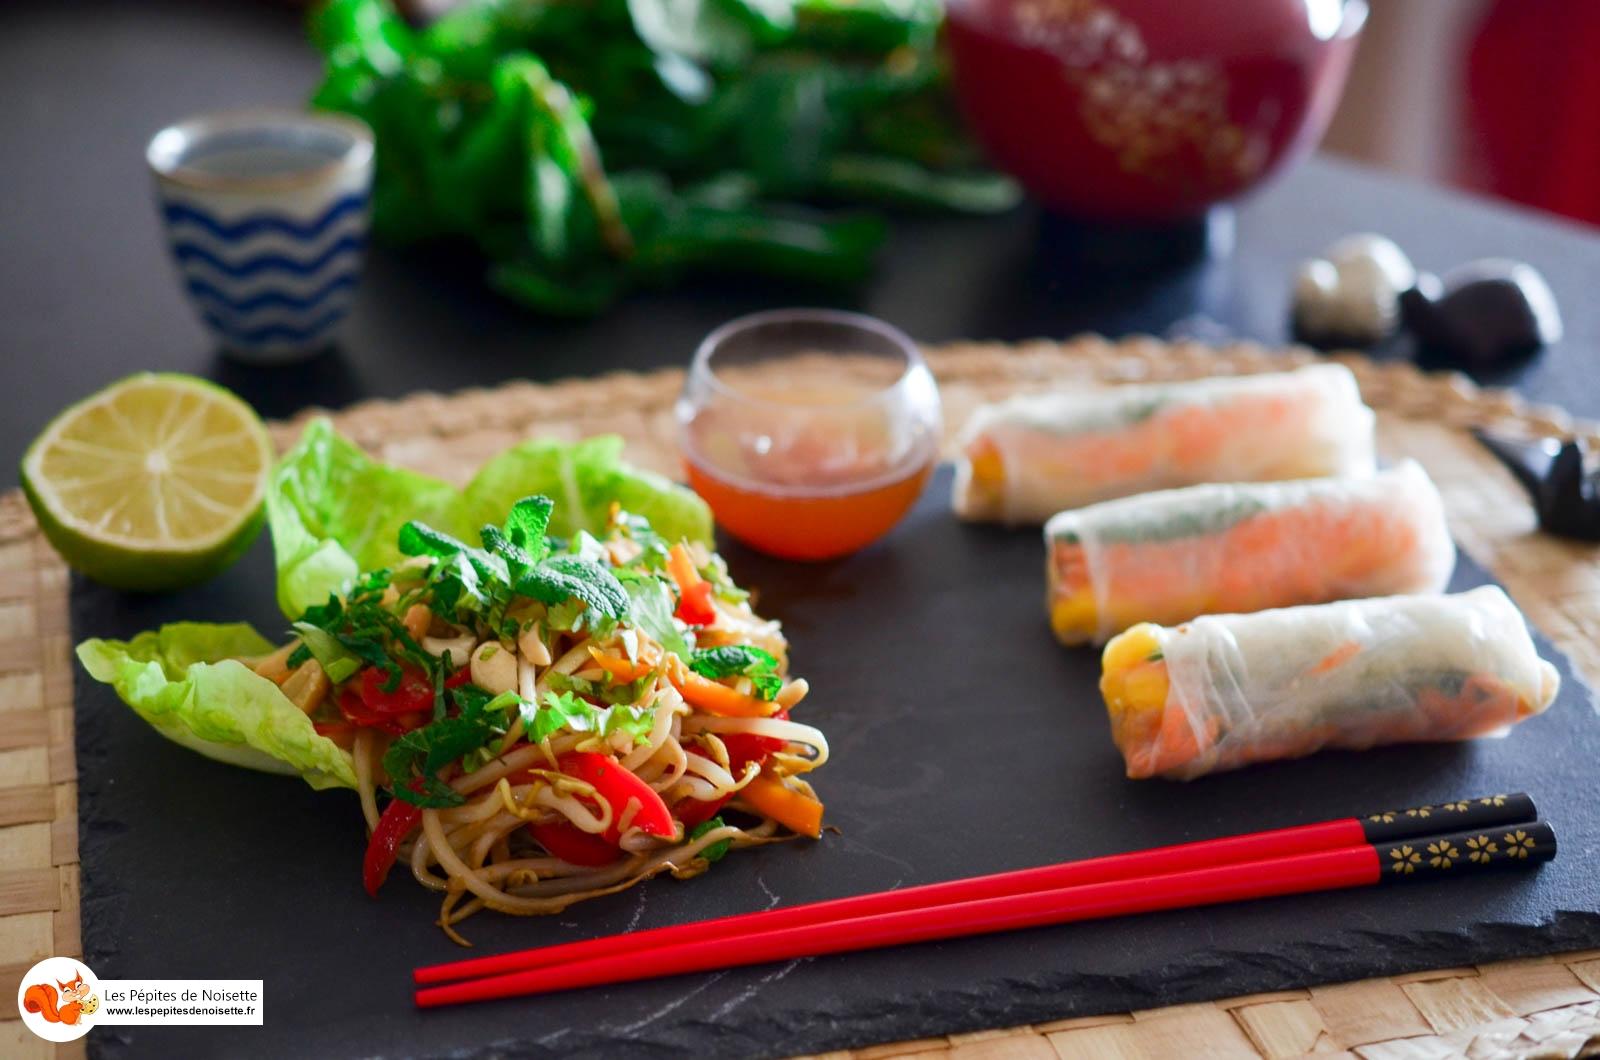 Poelée Légumes Rouleaux Printemps Mangue Cacahuete (7 Sur 9)